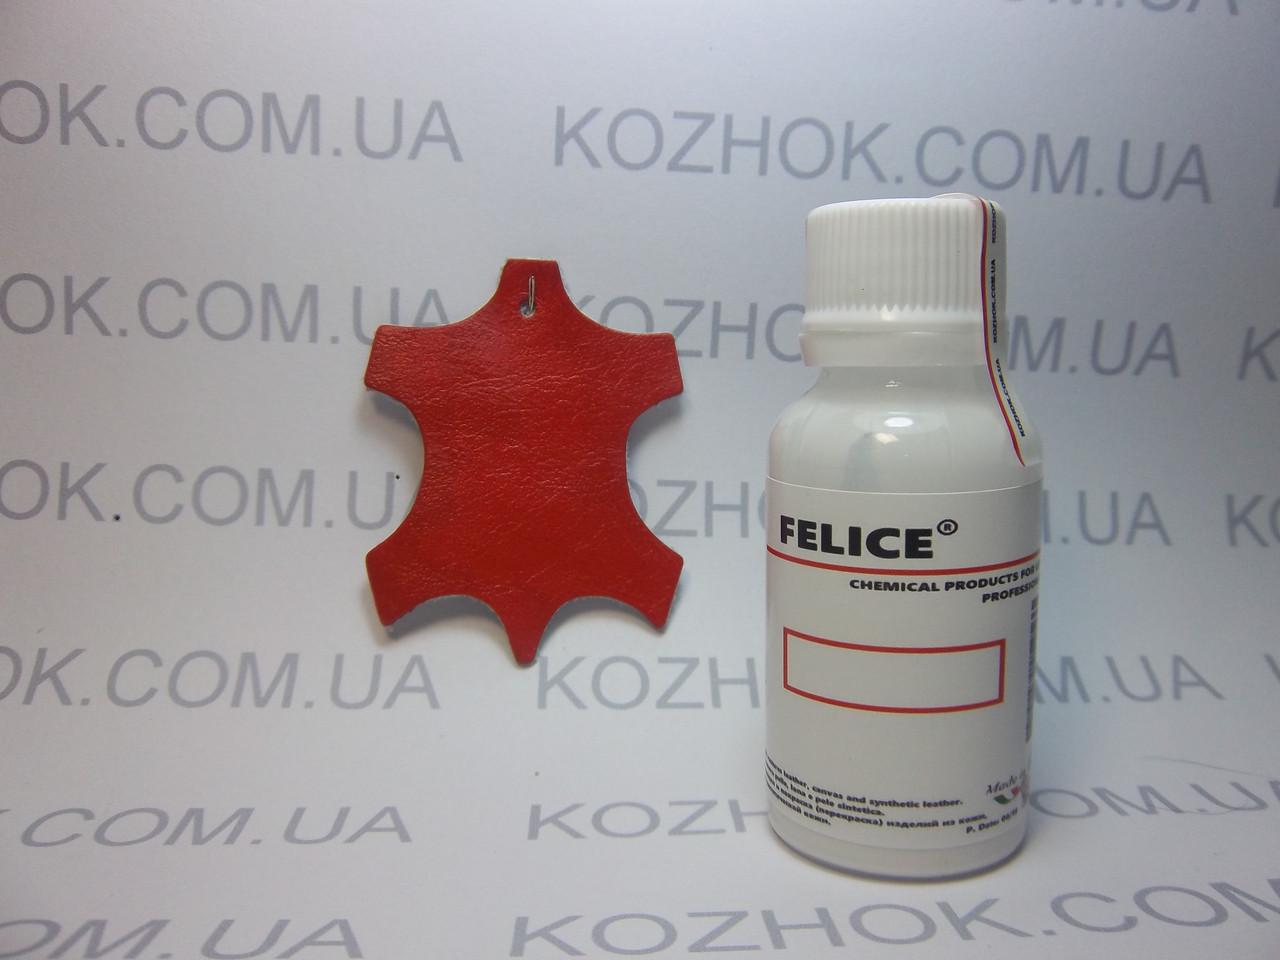 Краска для кожи Felice цв.Красный (25 мл)Для обуви,гладкой кожи, кожгалантереи, кожаной мебели, кожаного салон